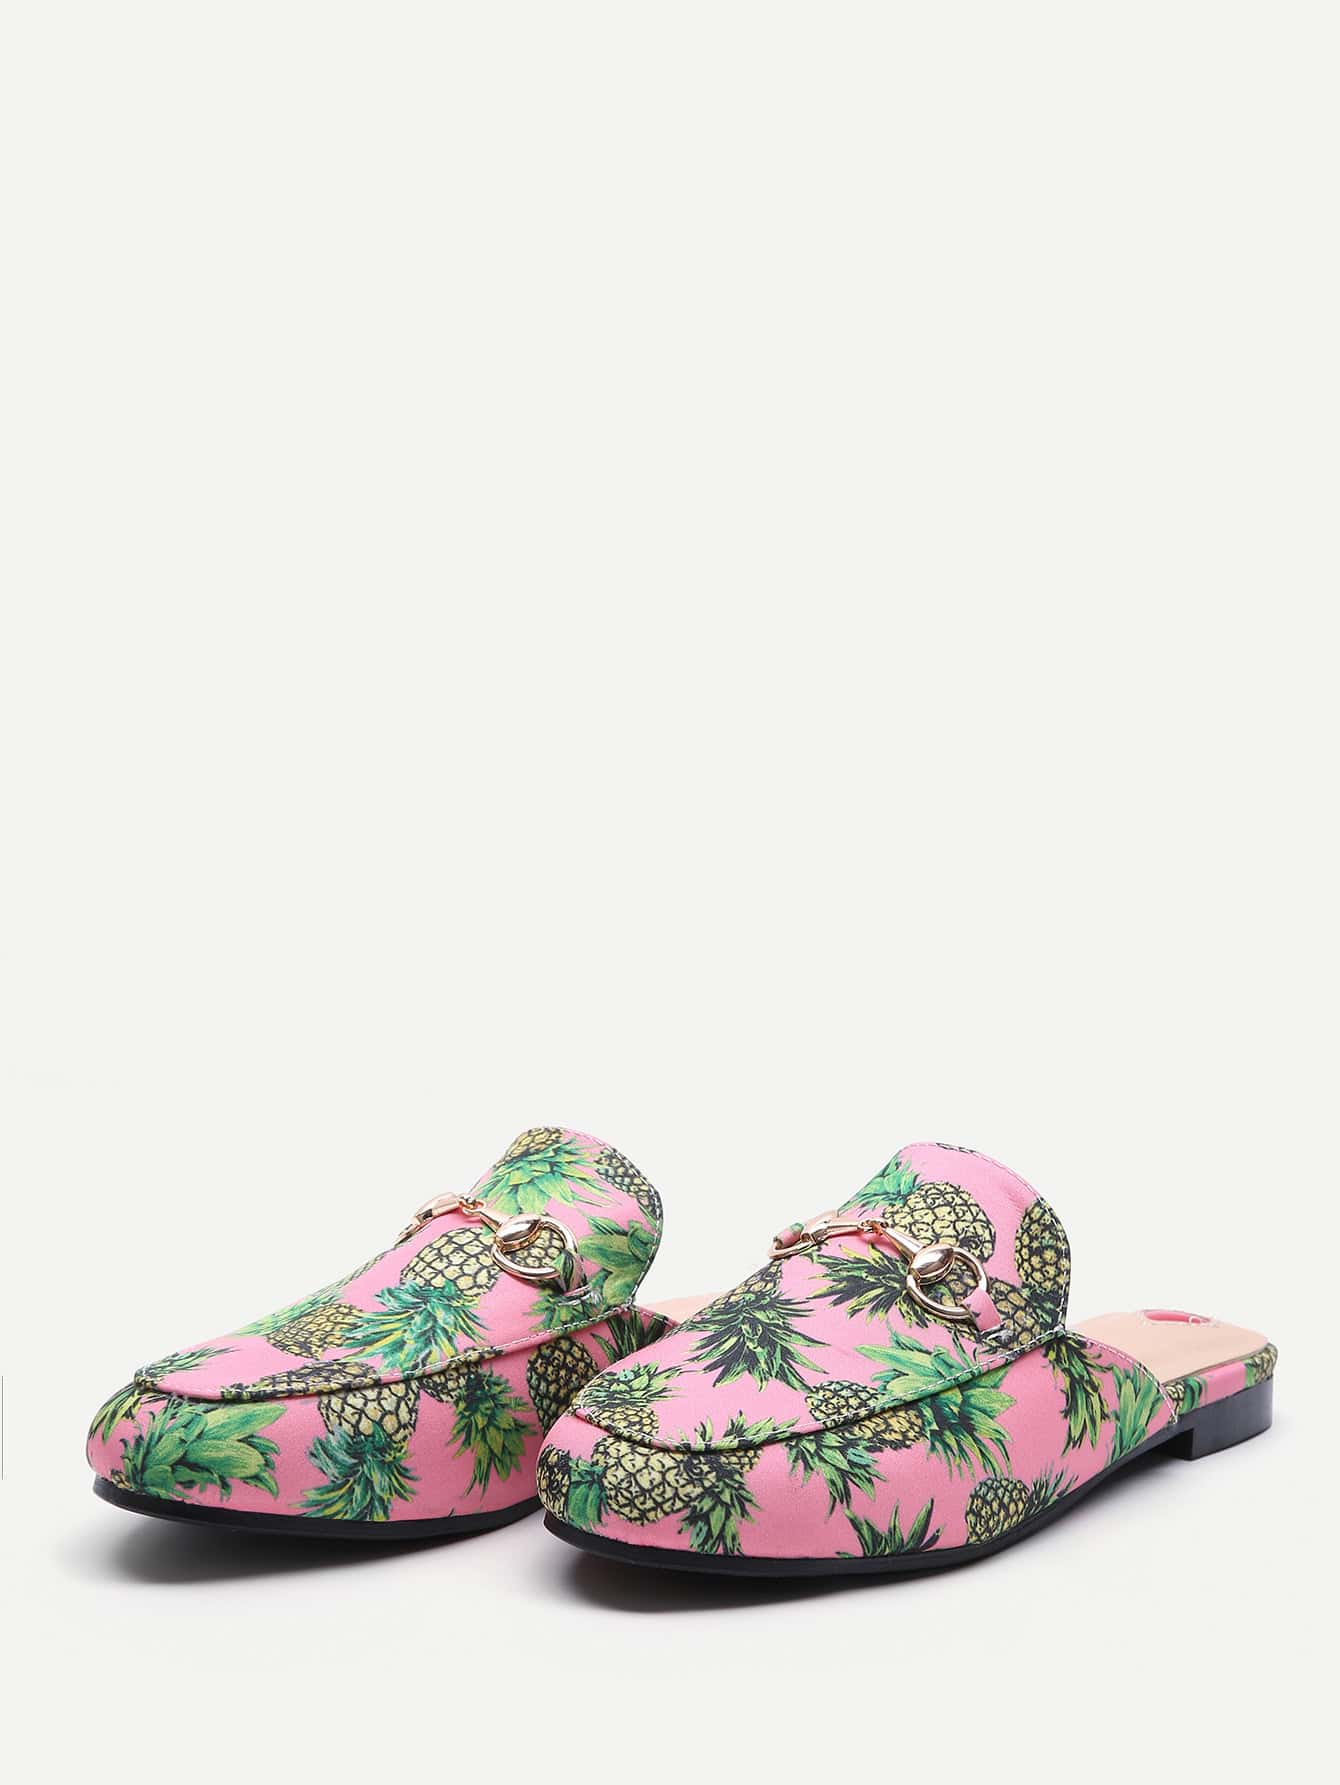 shoes170307802_2